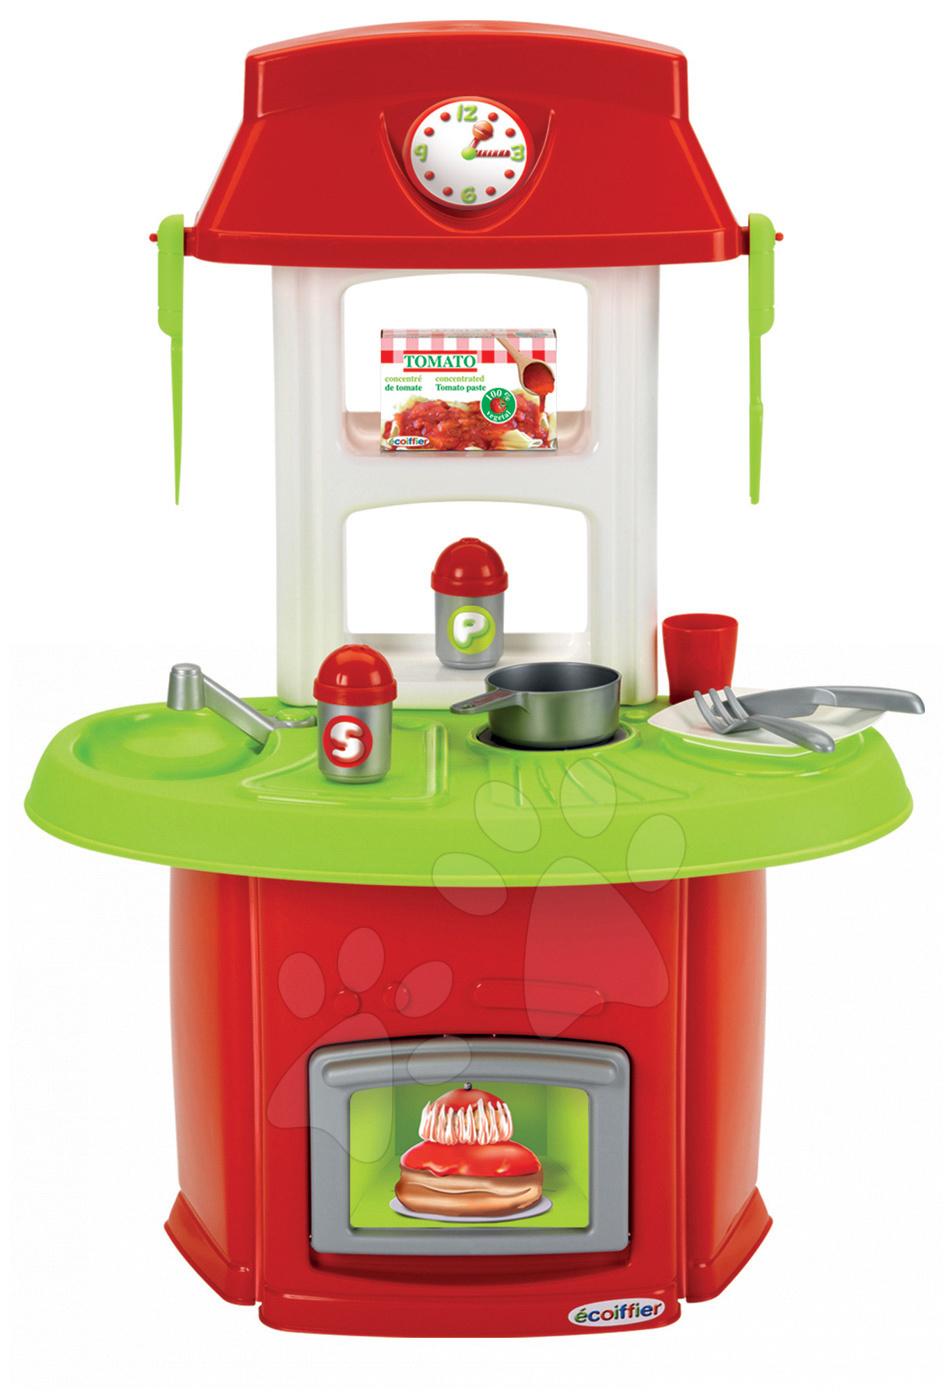 Obyčejné kuchyňky - Kuchyňka 100 % Chef Italian Écoiffier s 13 doplňky červeno-zelená od 18 měsíců